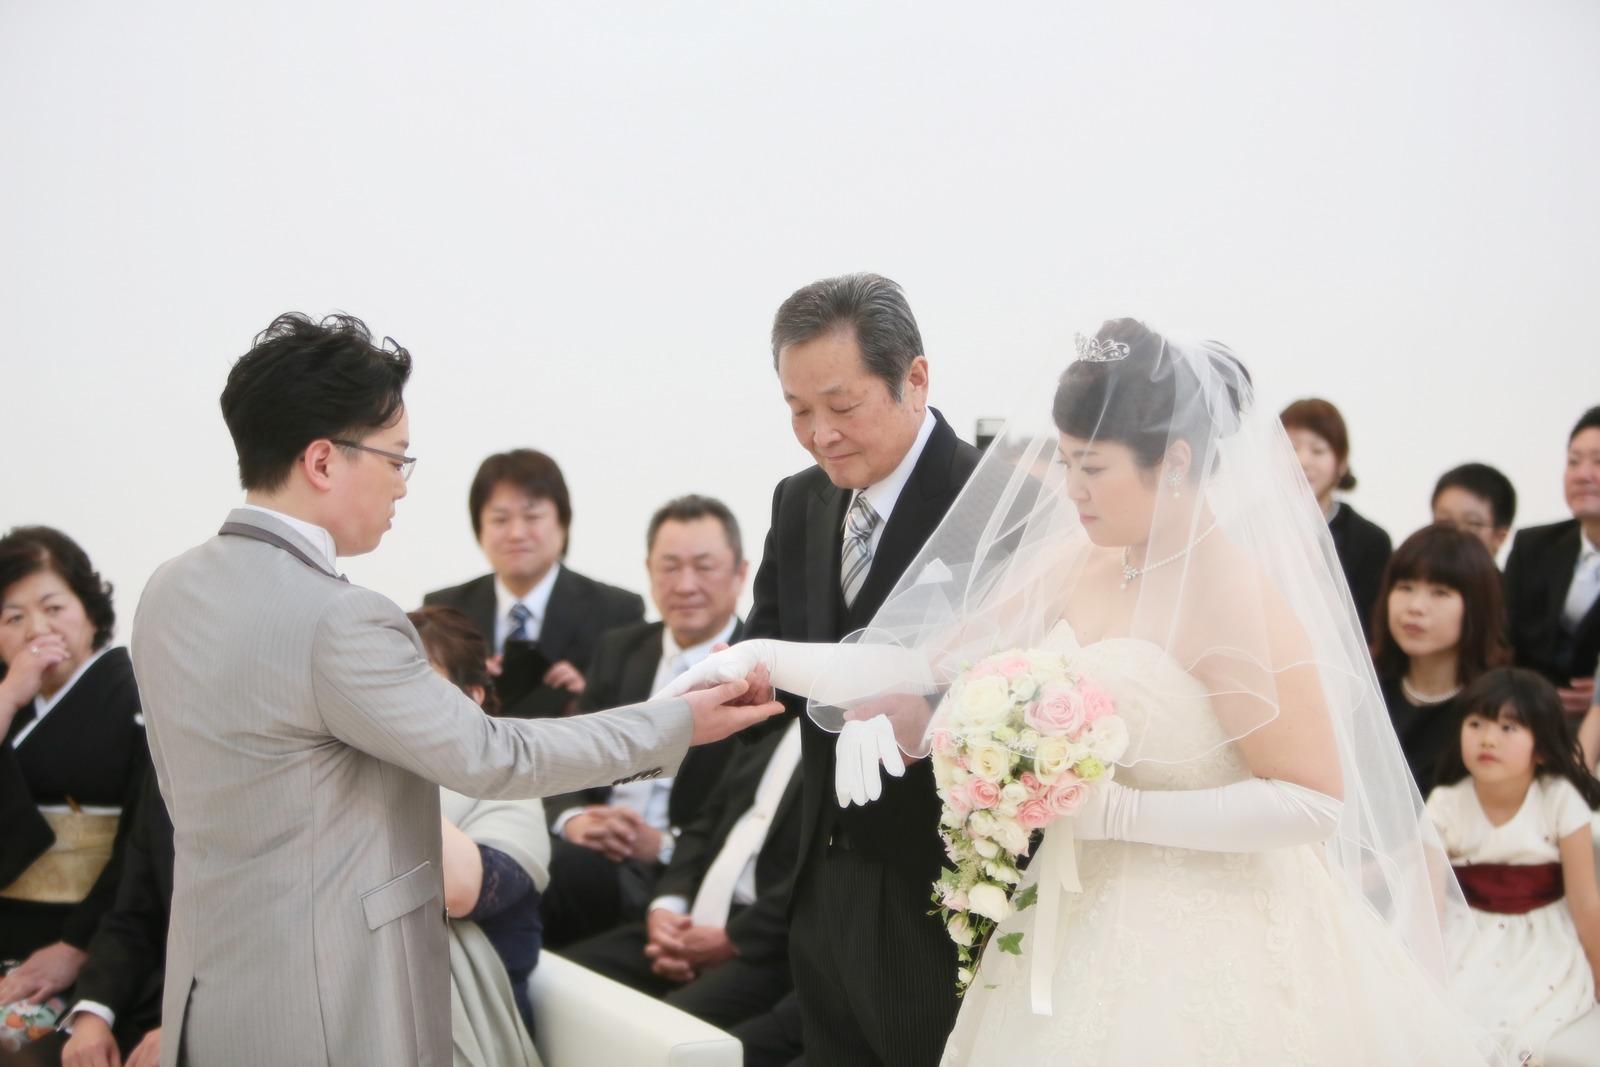 徳島市の結婚式場ブランアンジュでお父様から新郎へバトンタッチ